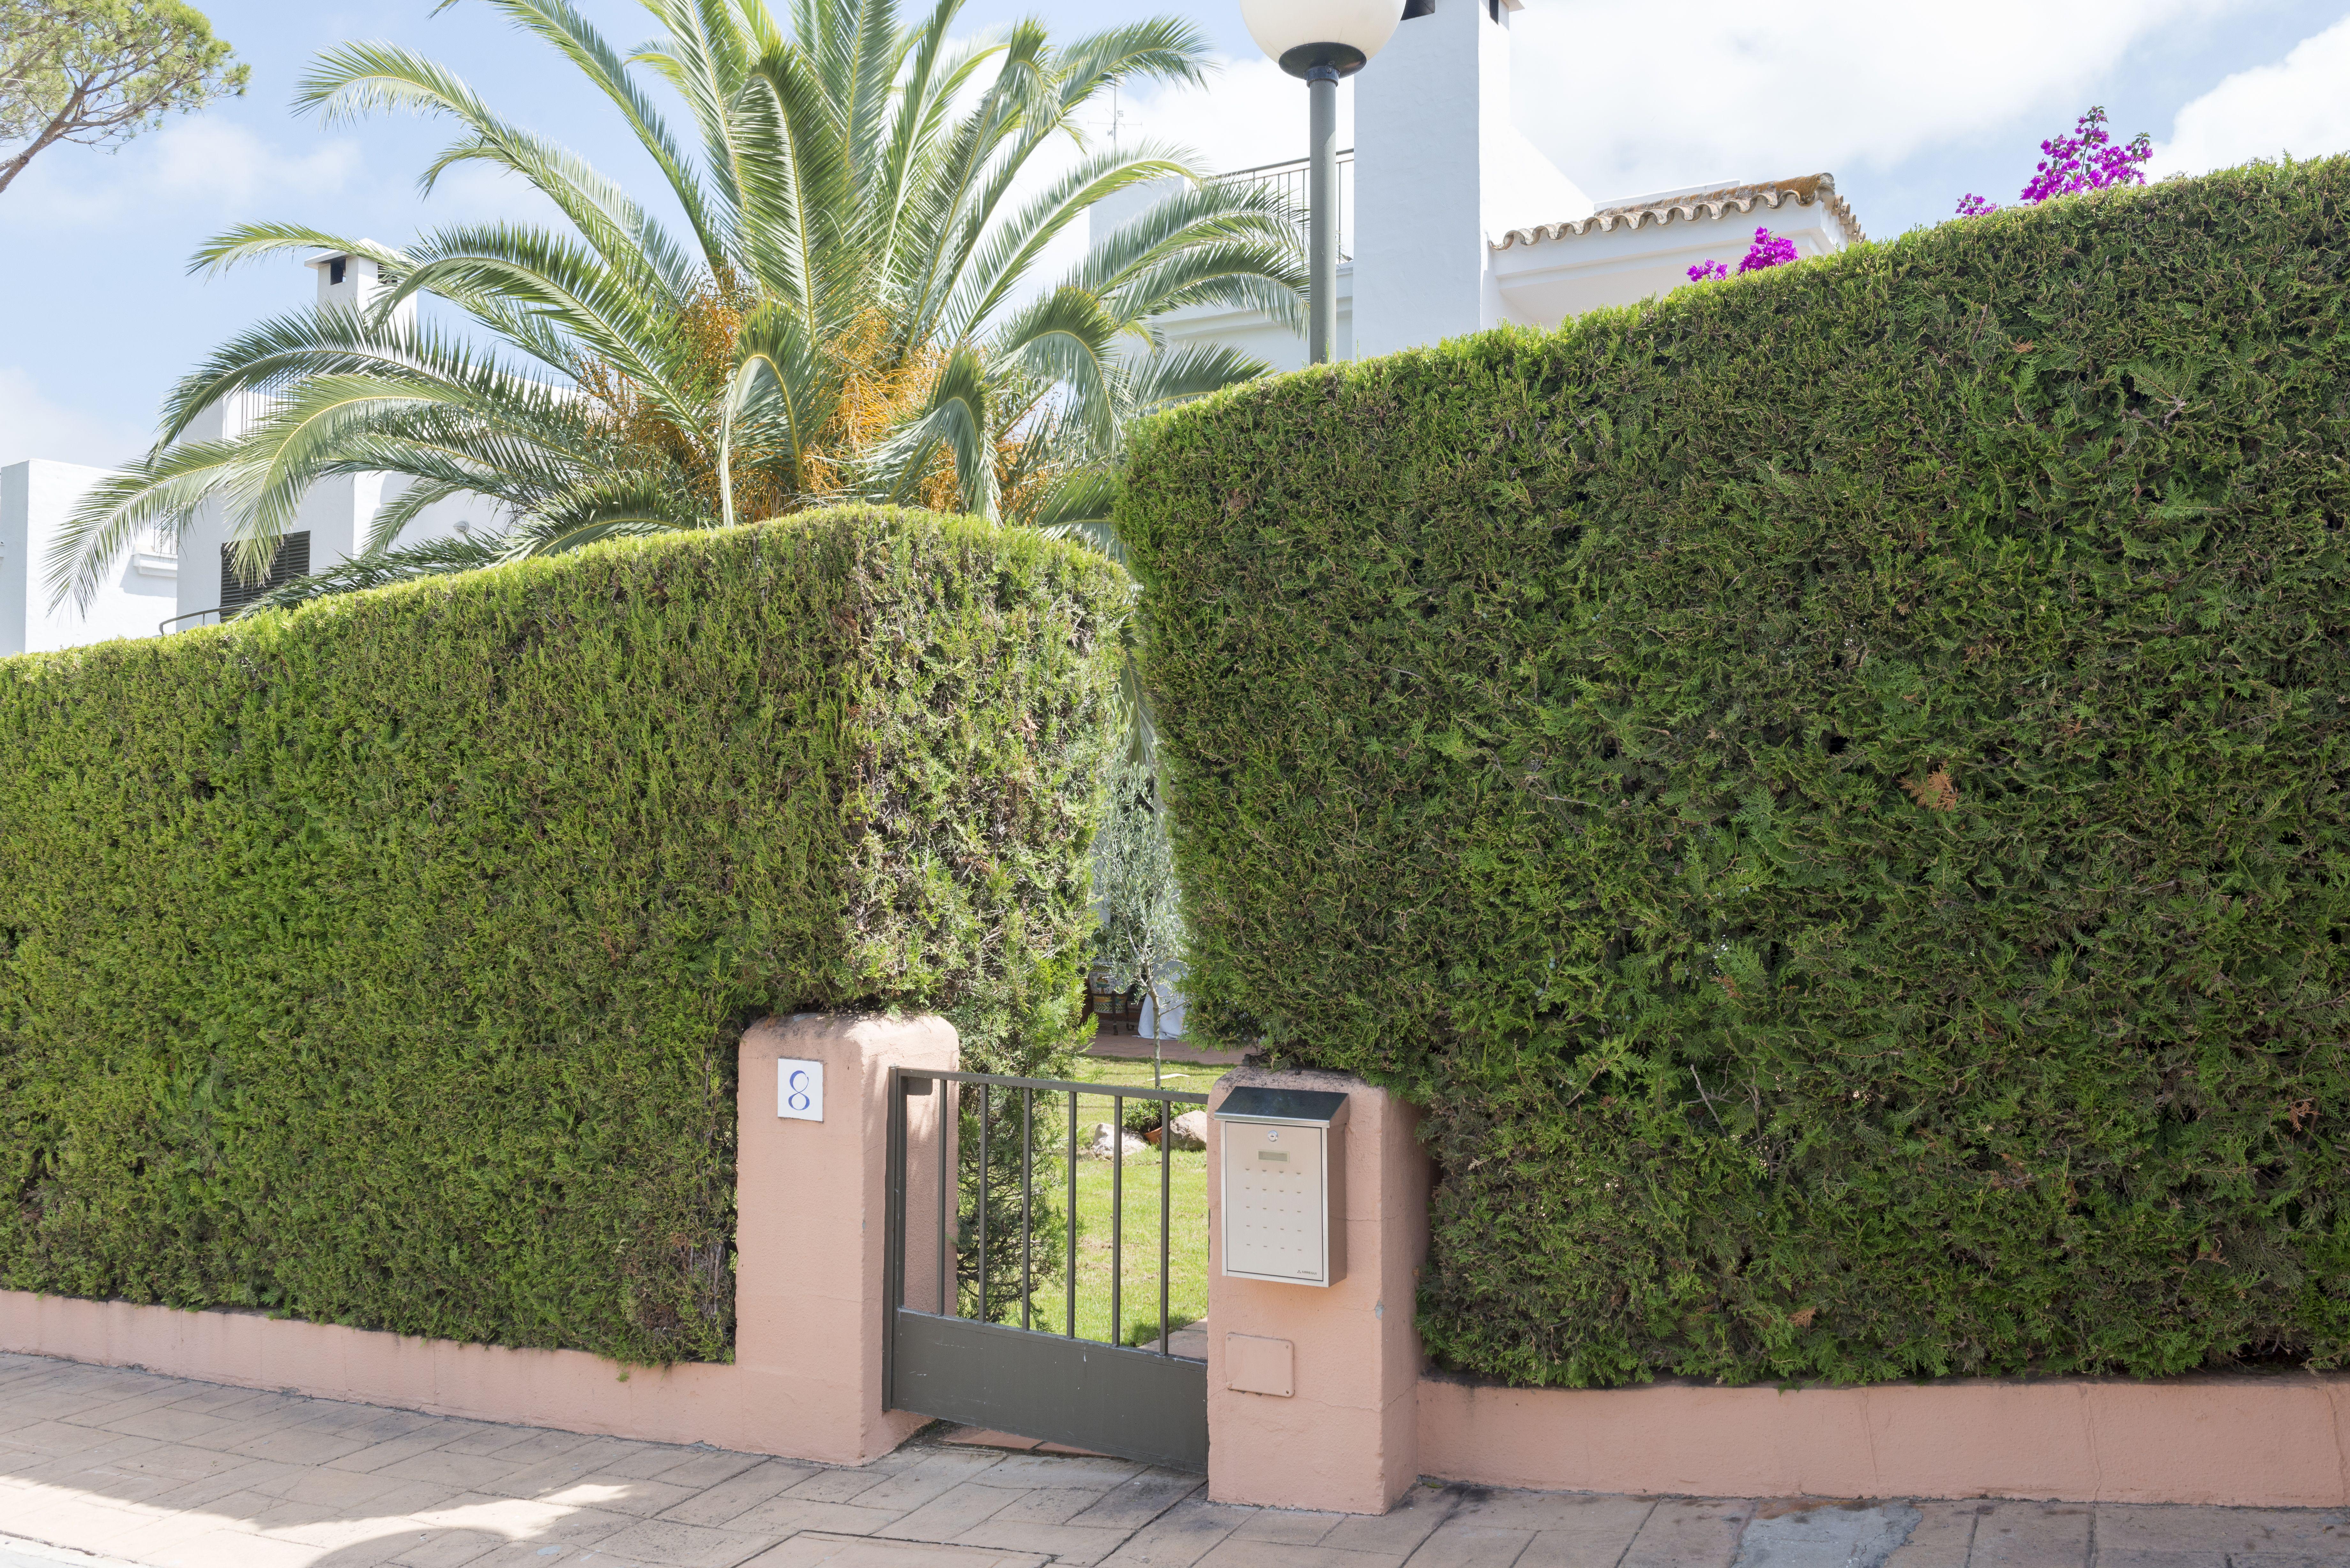 Empresa innovadora en xerijardinería en Chiclana de la Frontera, Cádiz